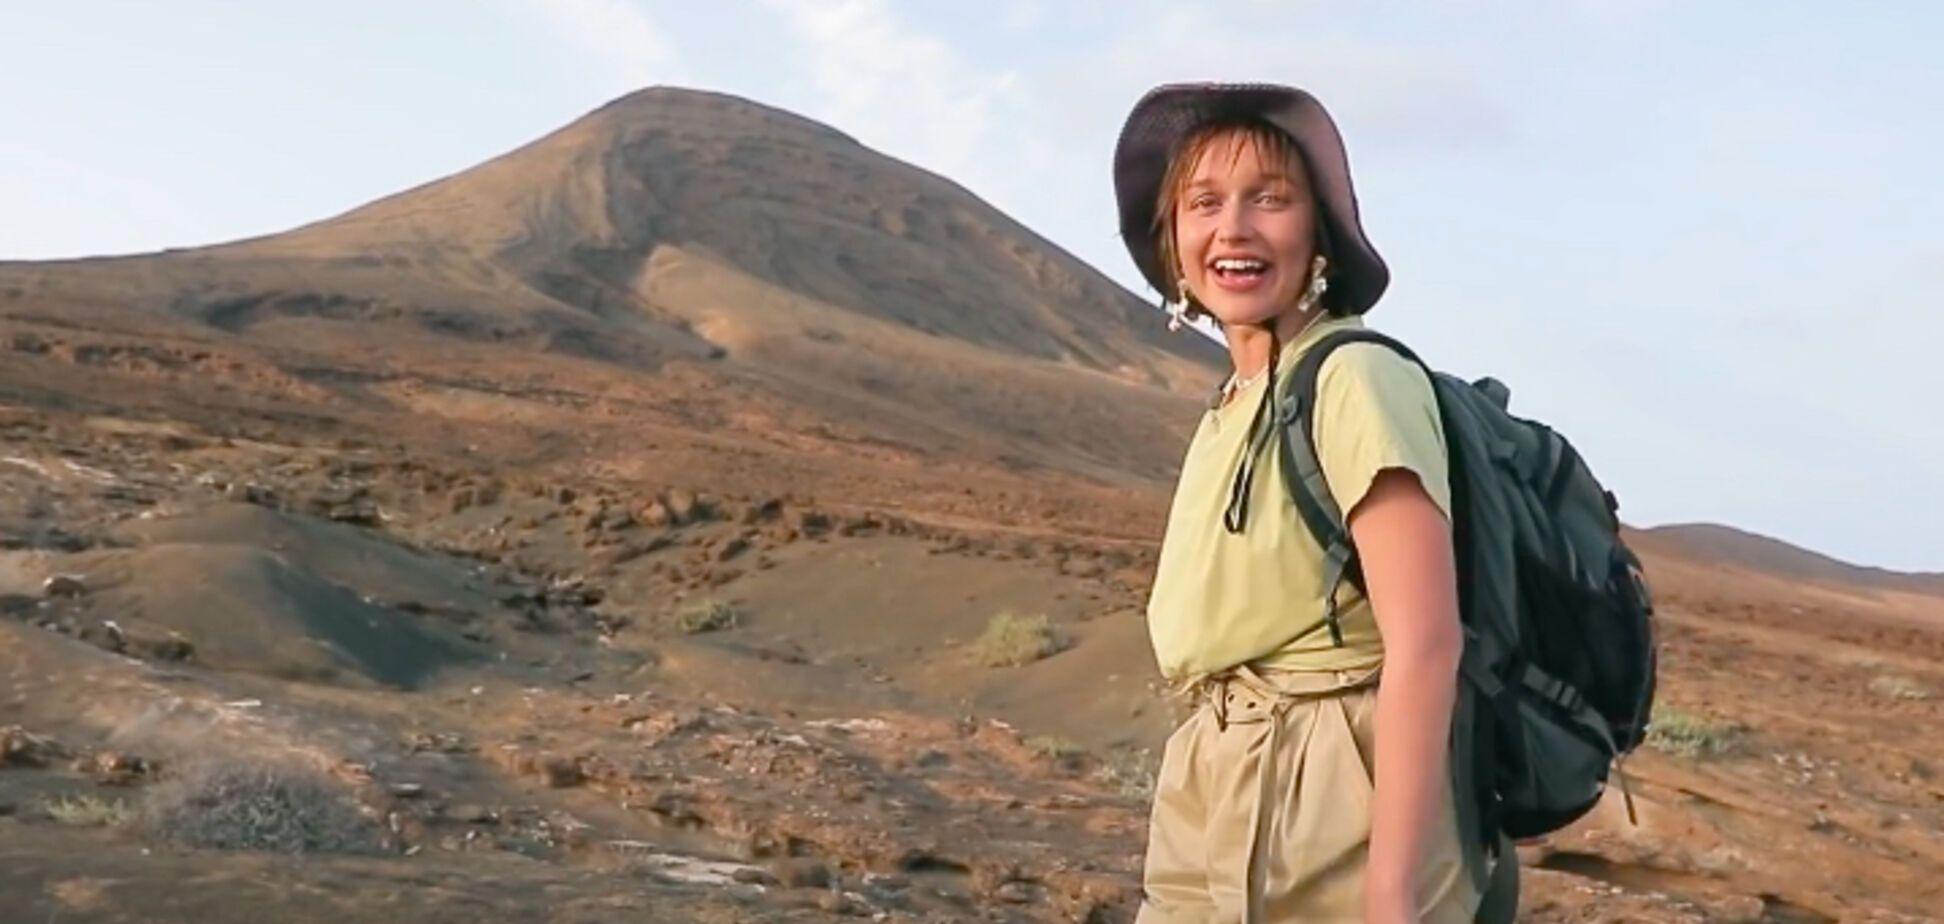 Ведущая 'Орла и Решки' не смогла покорить гору, котораяпод силу даже ребенку